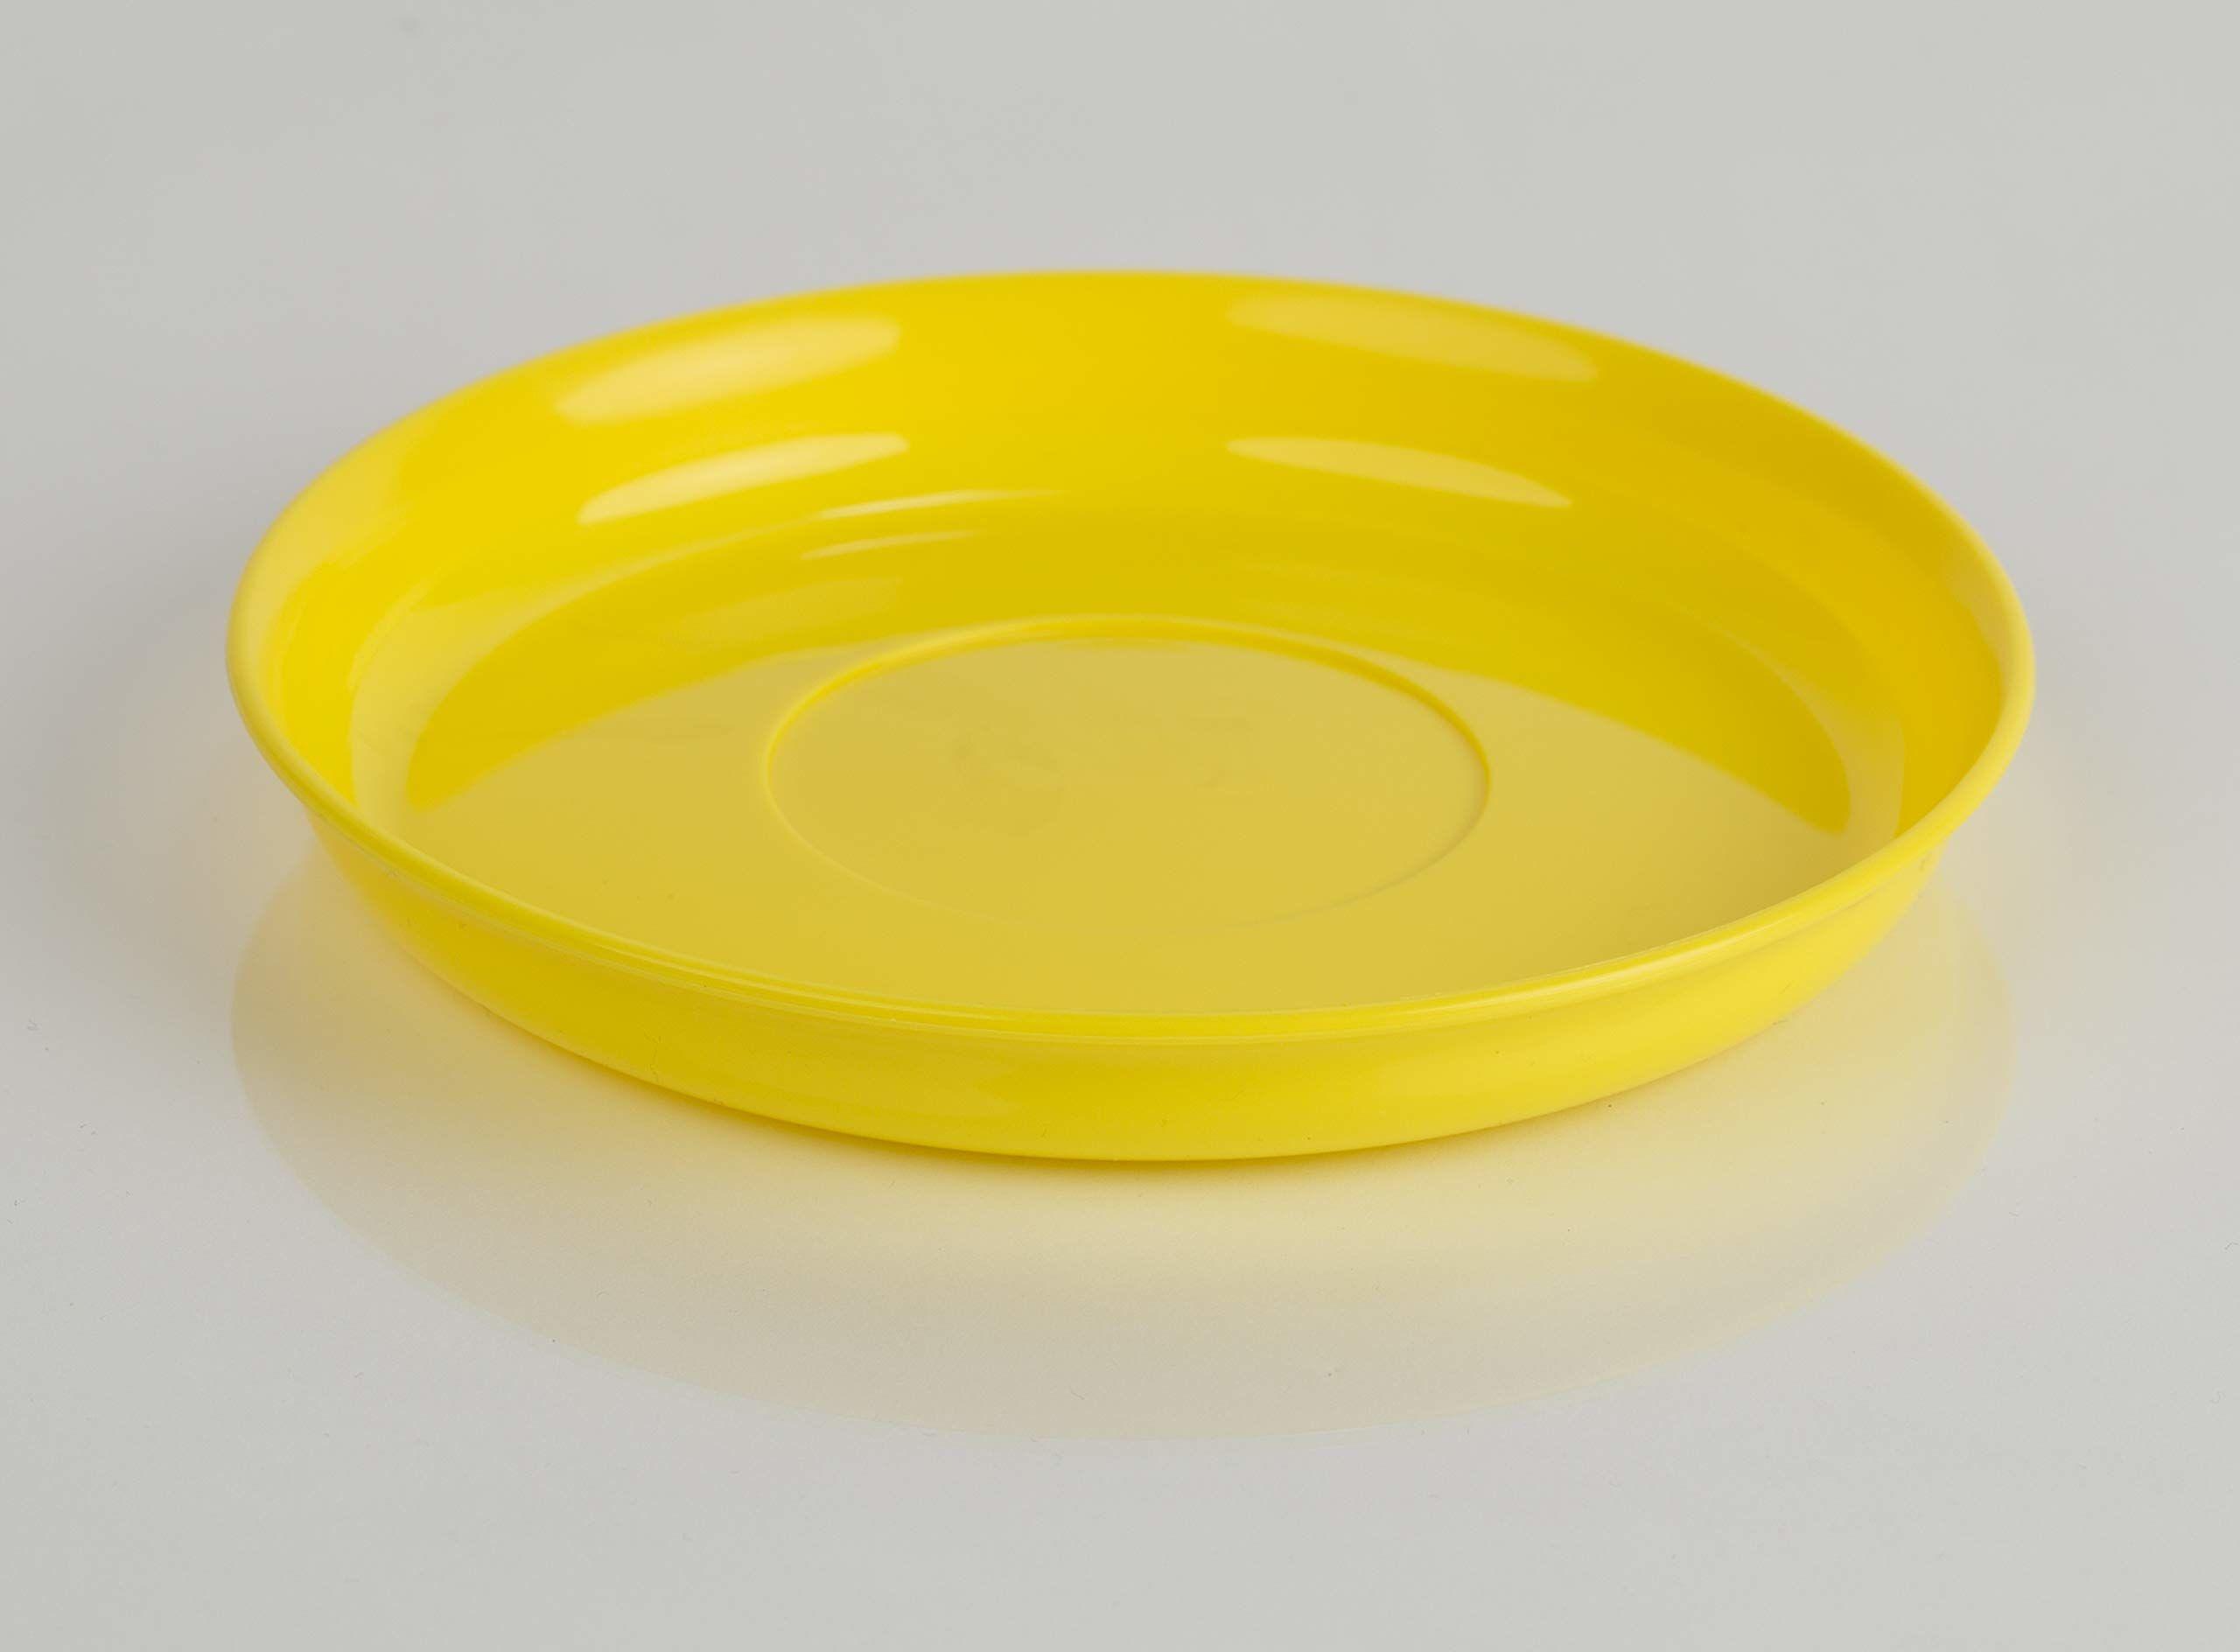 Kimmel nakrycie dziecięce spodek, odporny na pękanie, można układać w stos, wielorazowy, tworzywo sztuczne, żółty